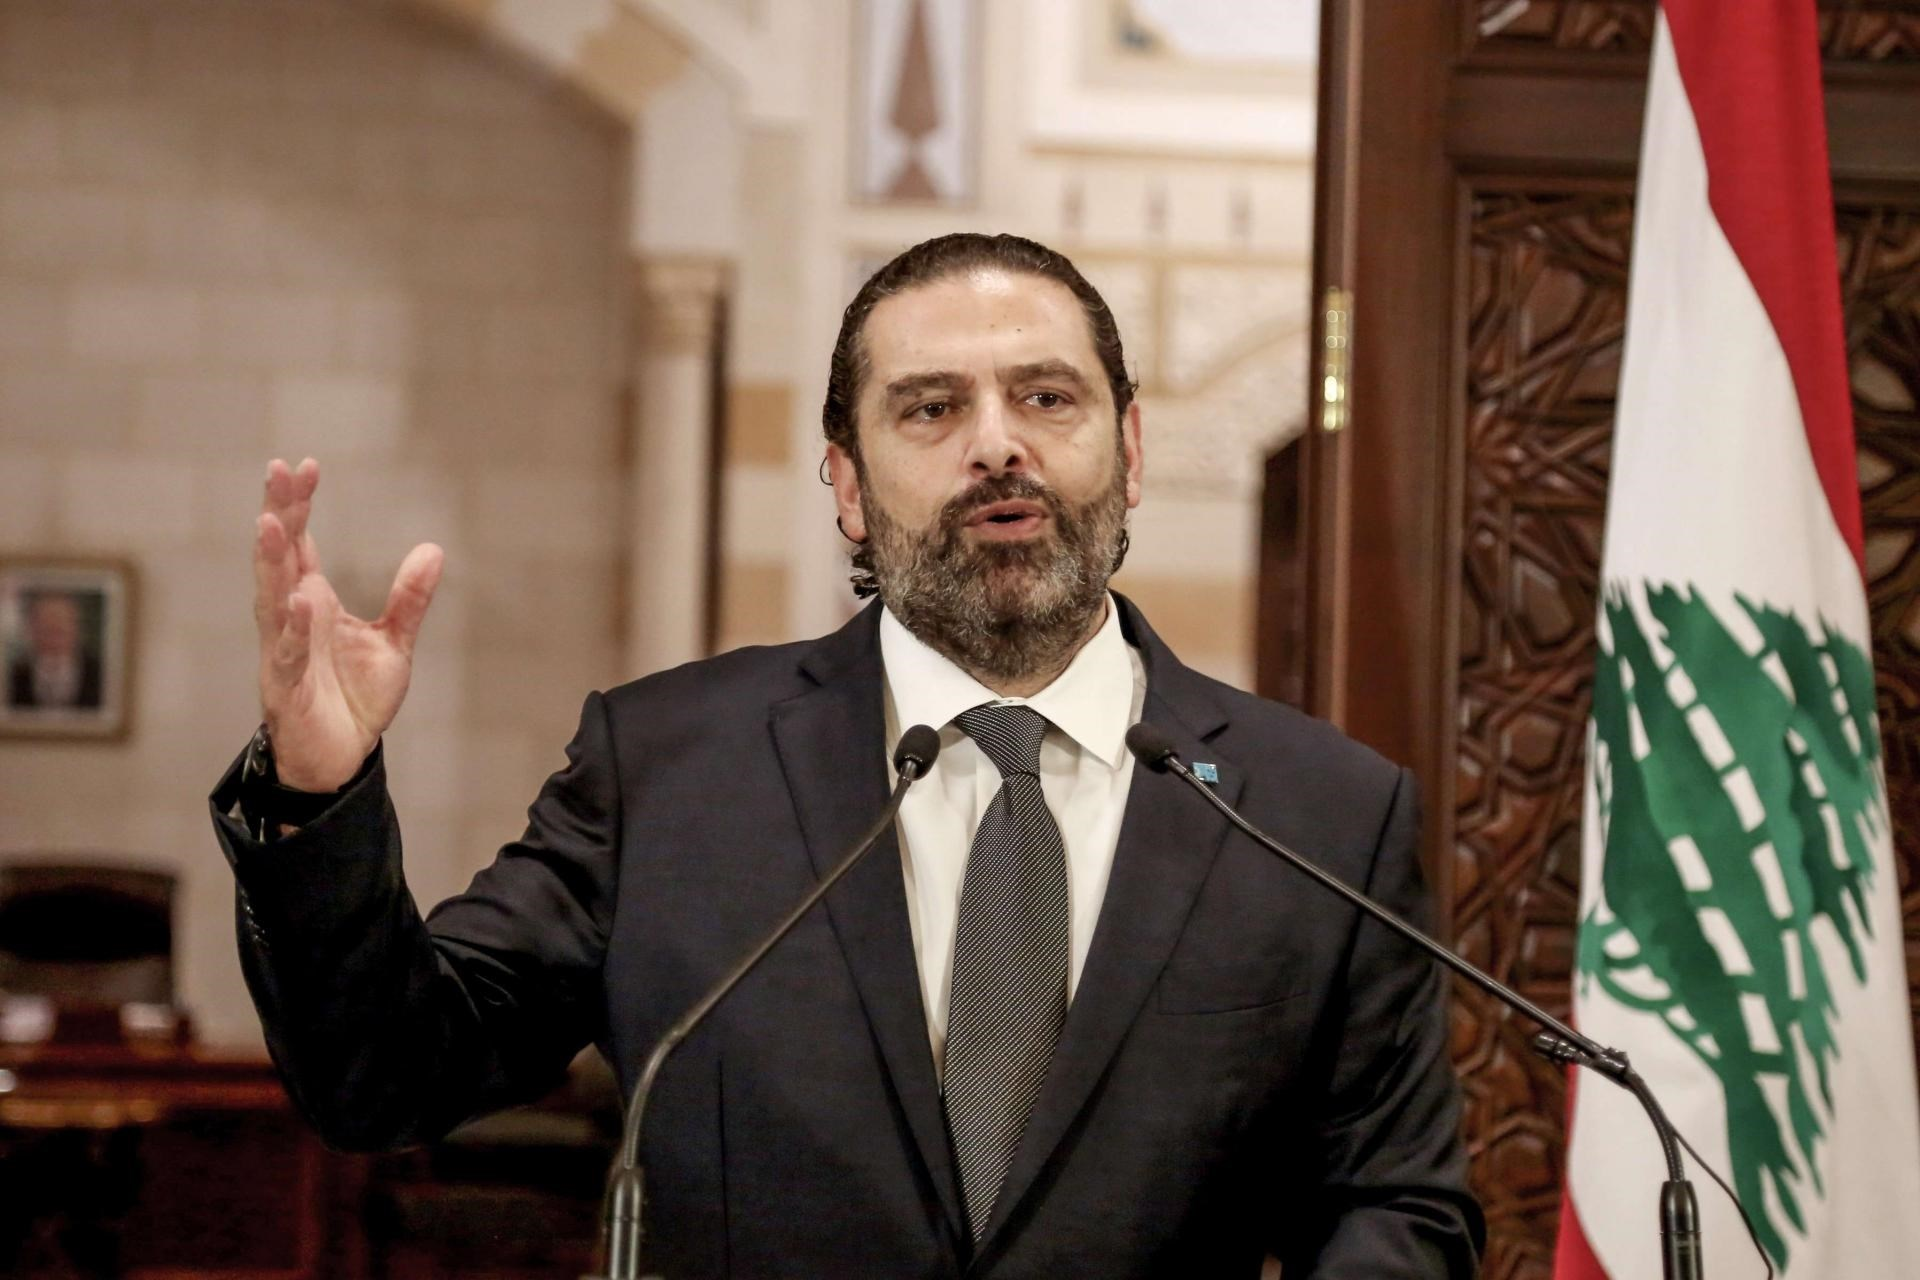 الخارجية الفرنسية: مبادرة الحريري تمثل افتتاحية للأهمية التي يجب أن يفهمها الجميع حتى يتم الآن تشكيل حكومة